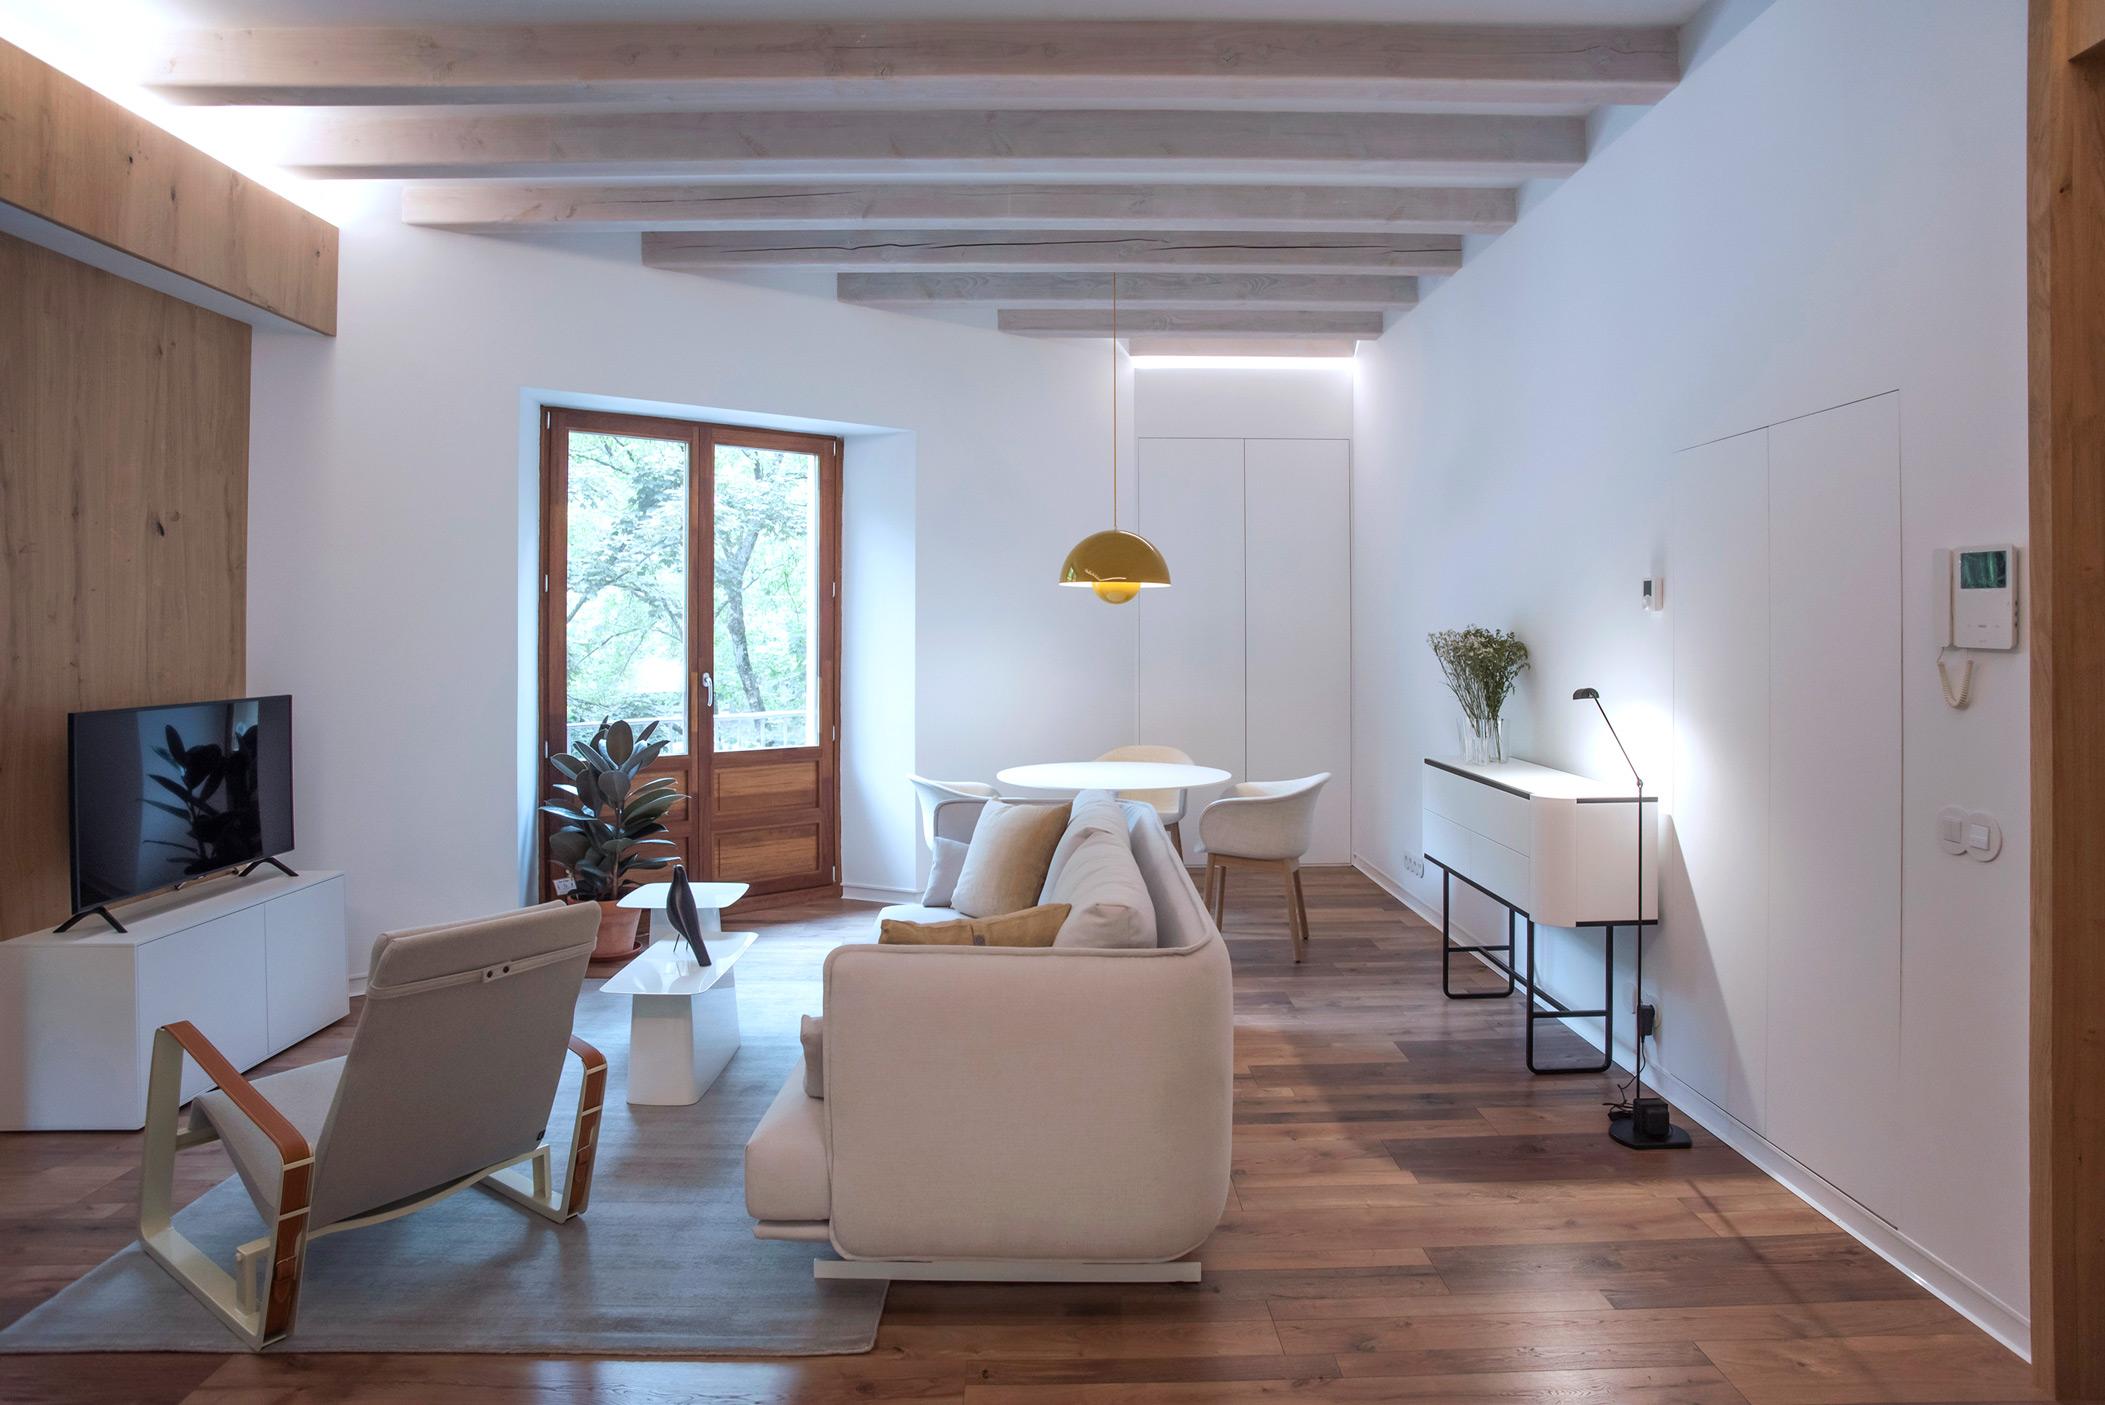 momocca interiorismo de diseño minimalista